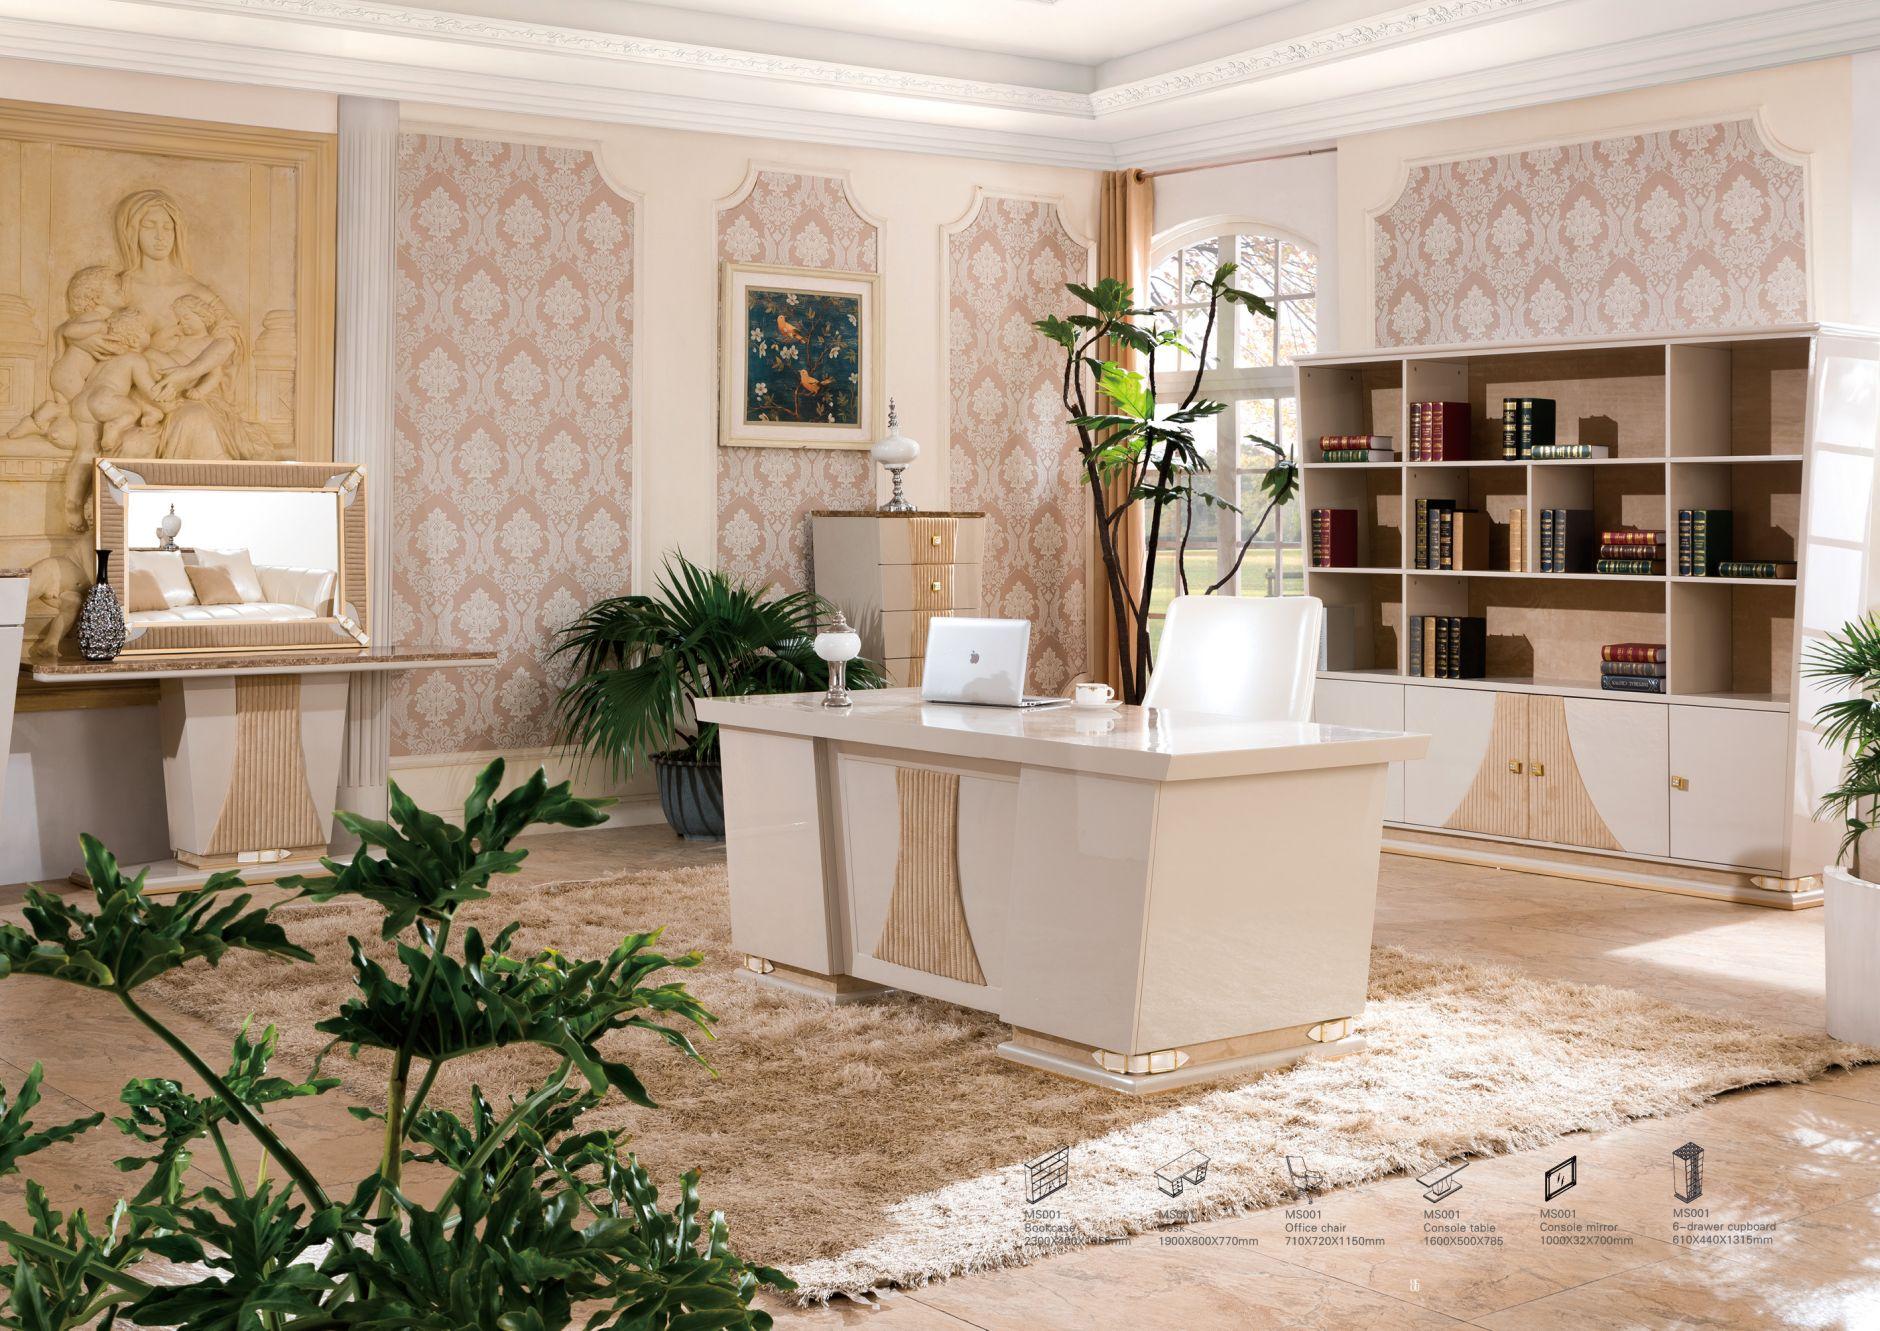 Escritorios de oficina muebles de oficina dise o serie for Muebles oficina diseno